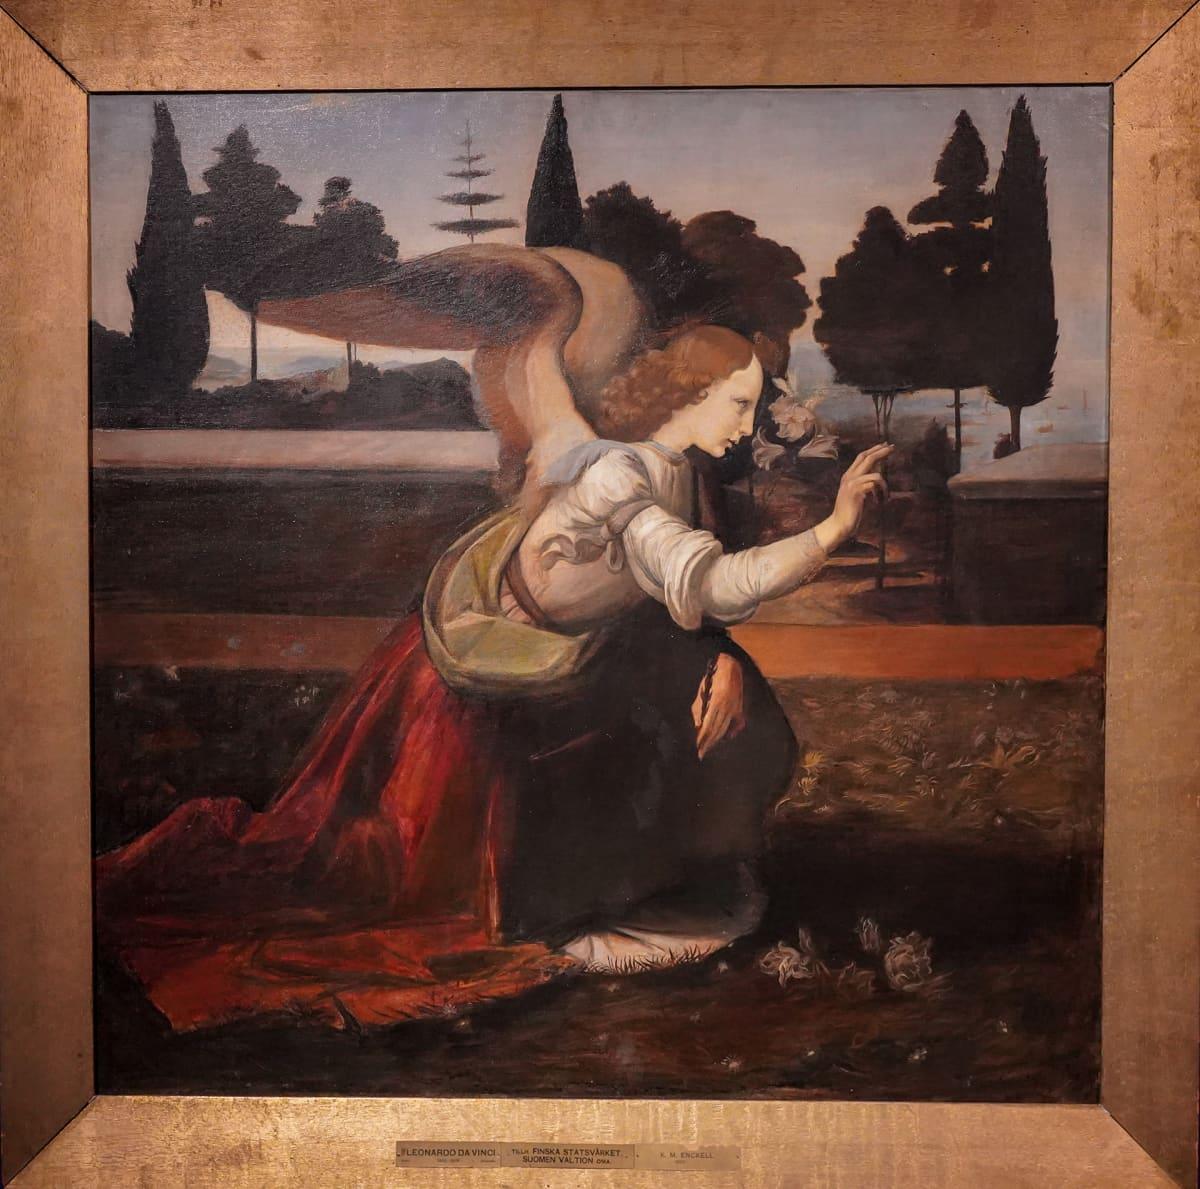 Magnus Enckell, Salon taidemuseo, Lenardo da Vinci